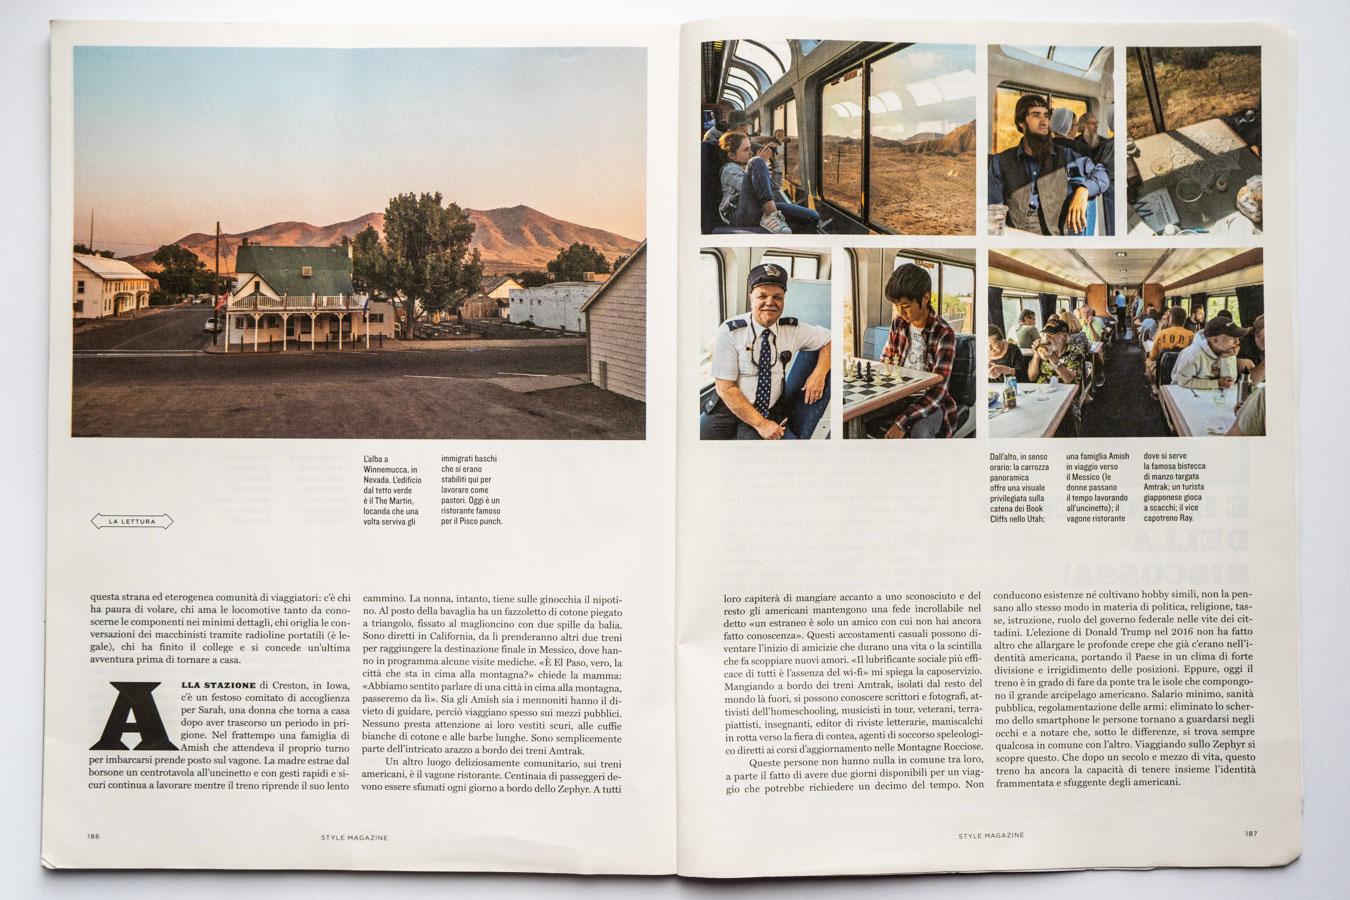 Marta Giaccone, California Zephyr travel reportage, Style Magazine Il Corriere della Sera, September 2019